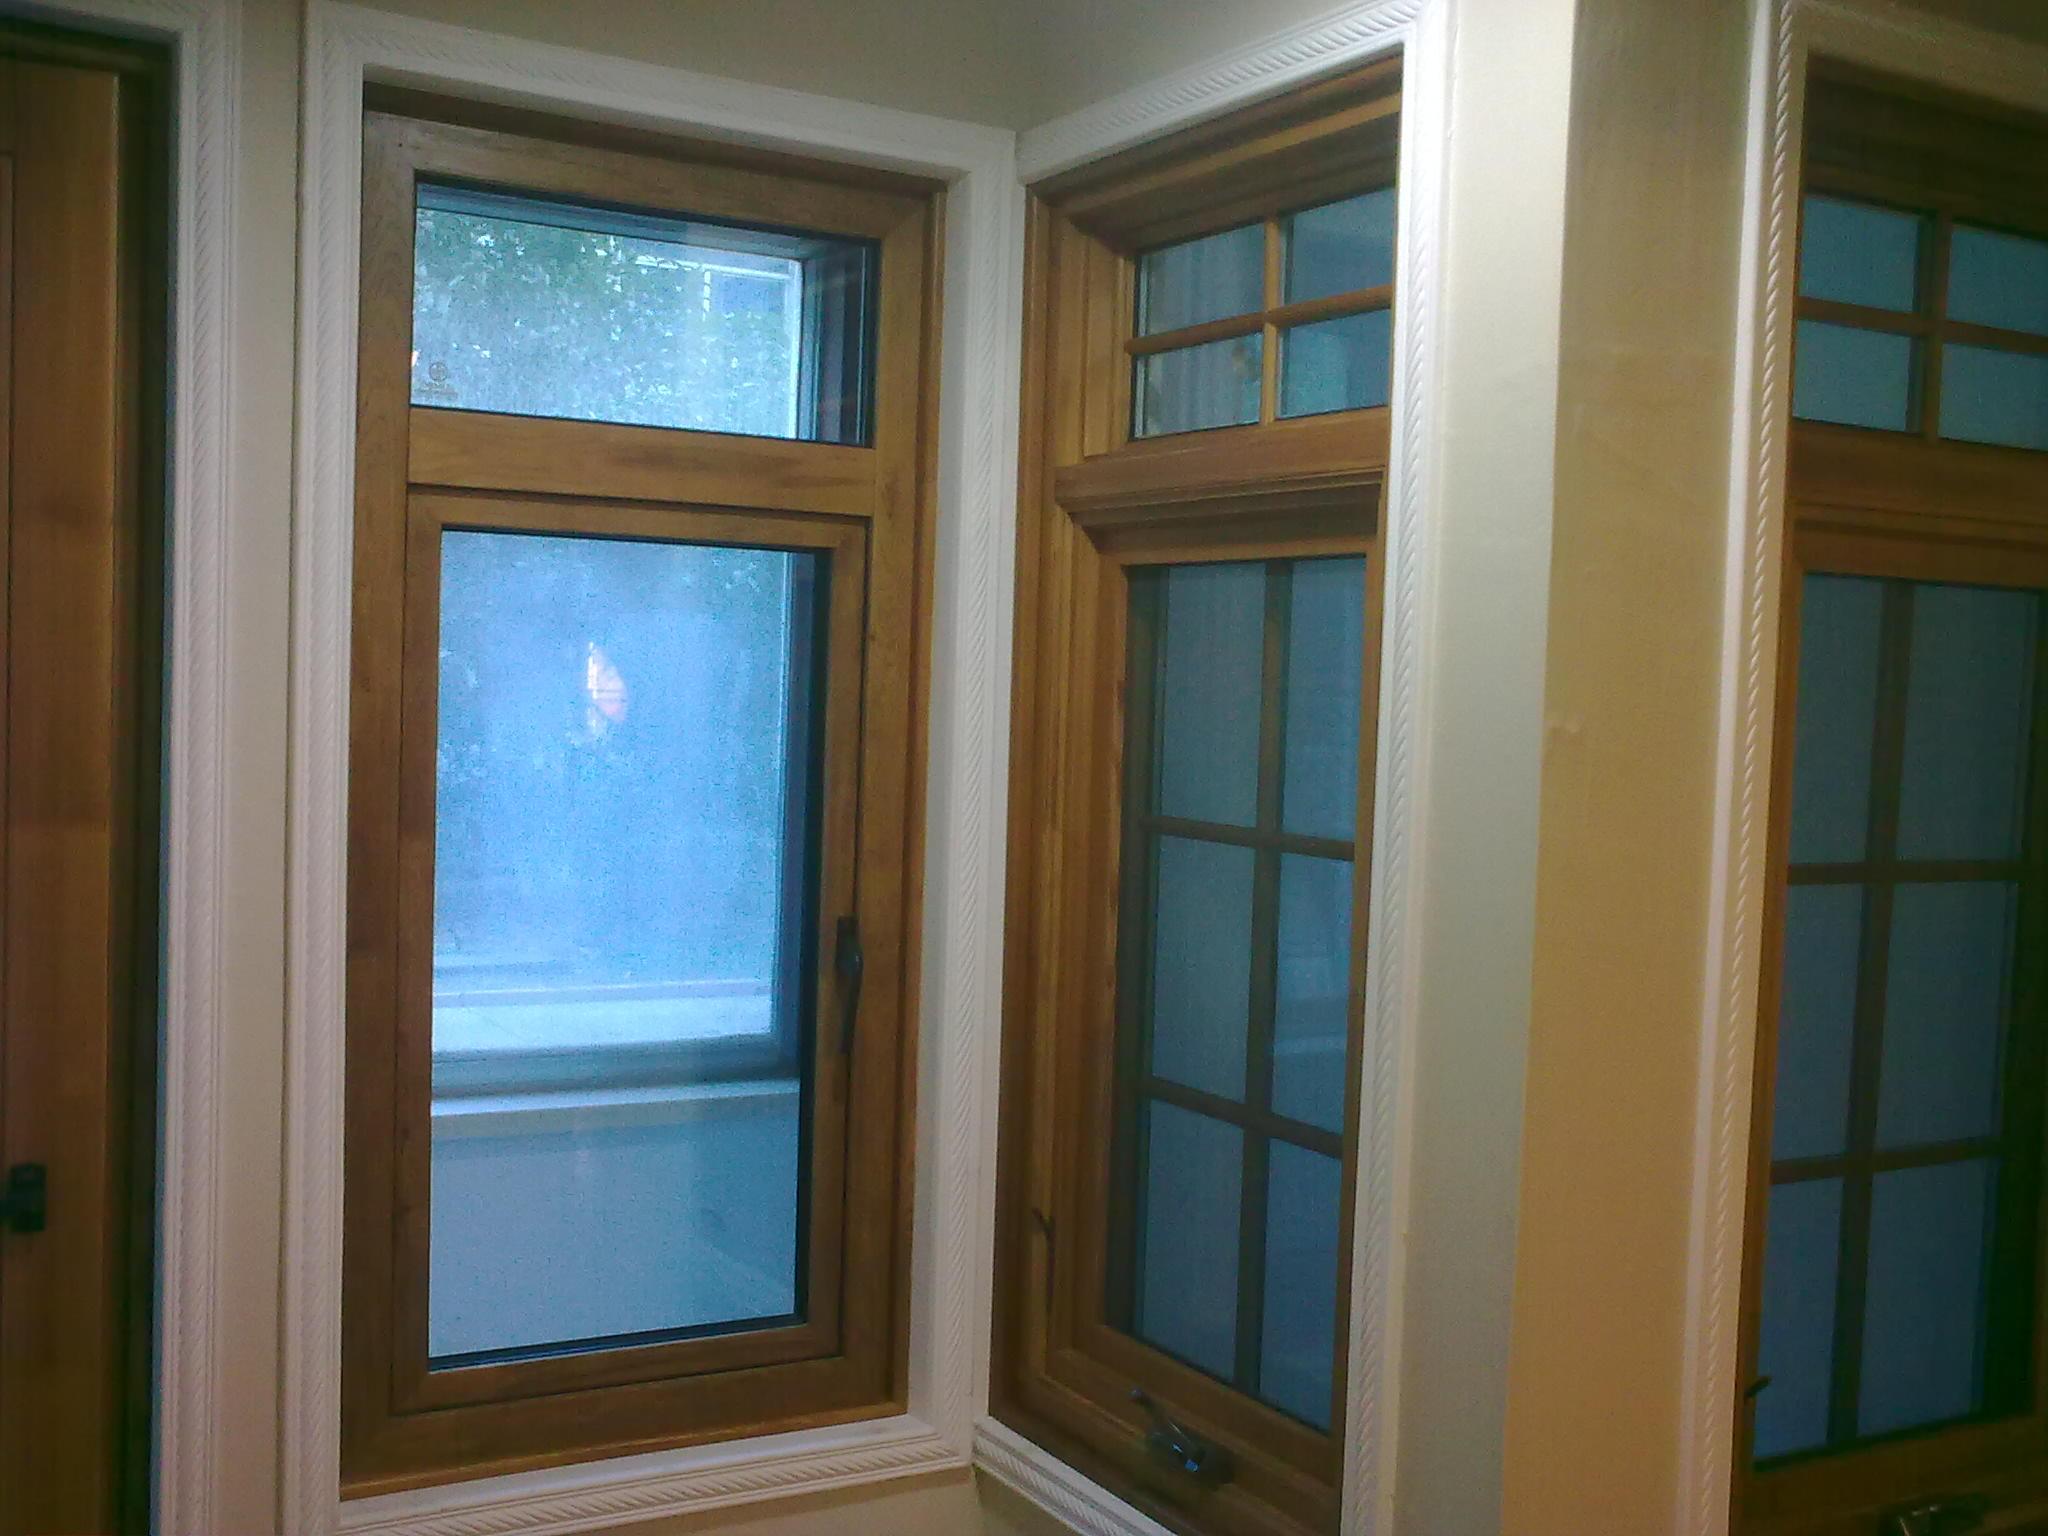 木铝复合门窗的品牌 木铝复合门窗如何挑选